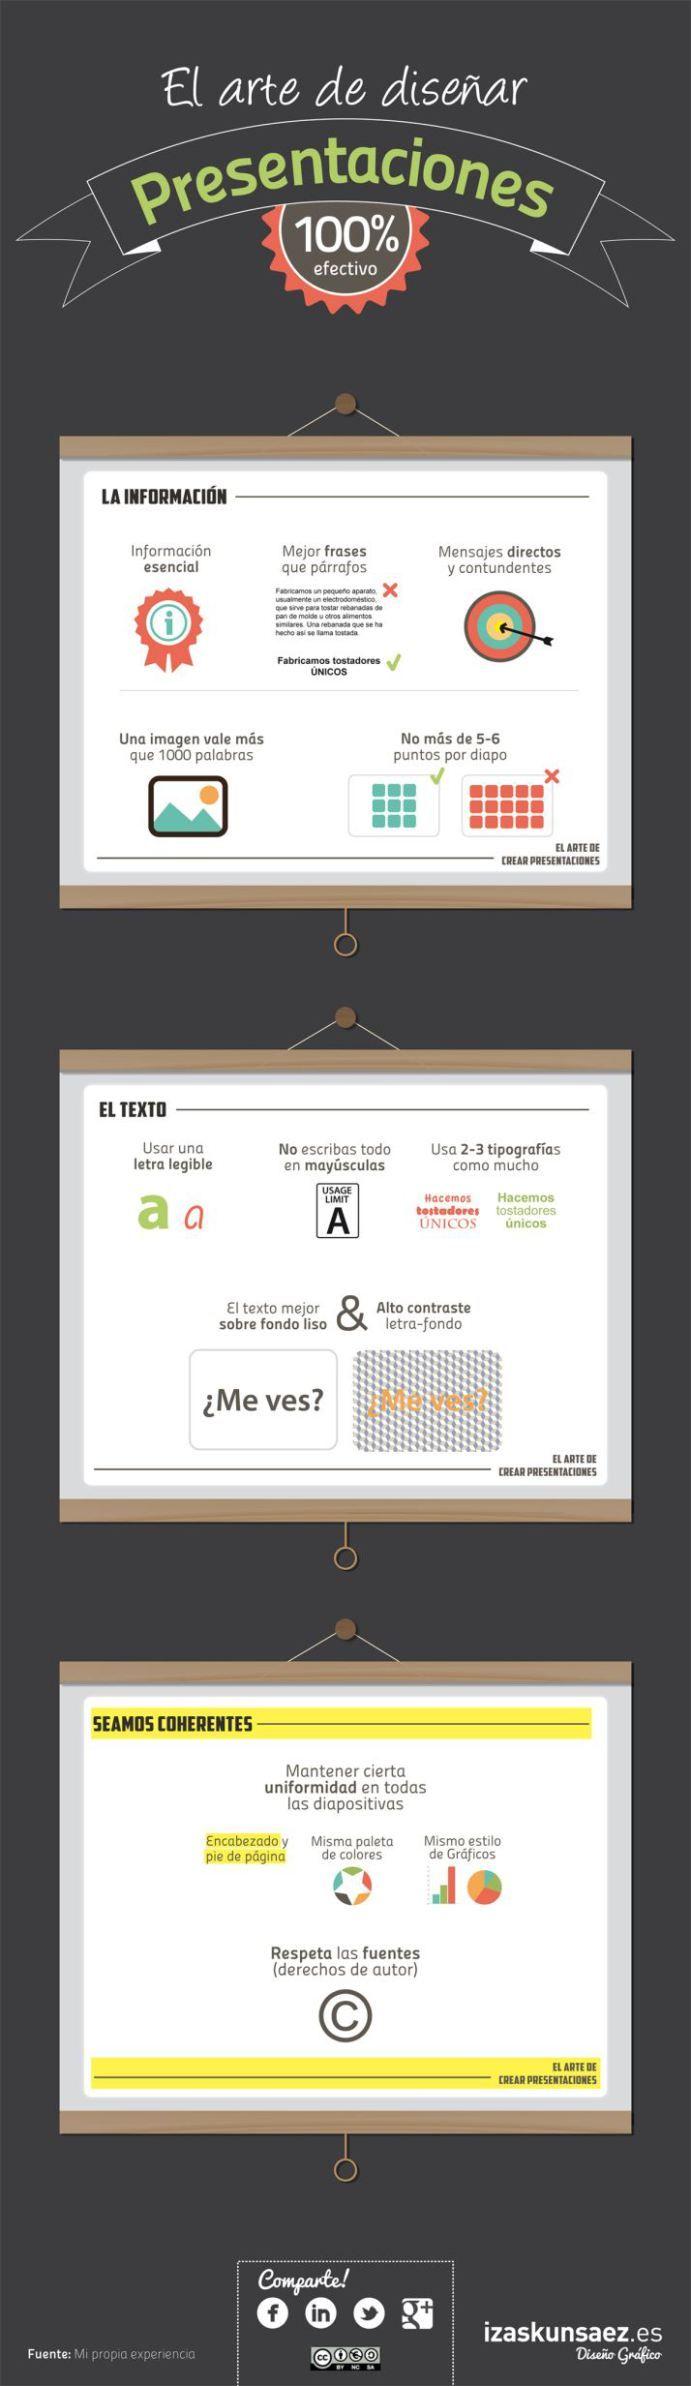 PresentacionesEfectivasArteDiseñarlas-Infografía-BlogGesvin #BibUpo #Educación https://www1.upo.es/biblioteca/